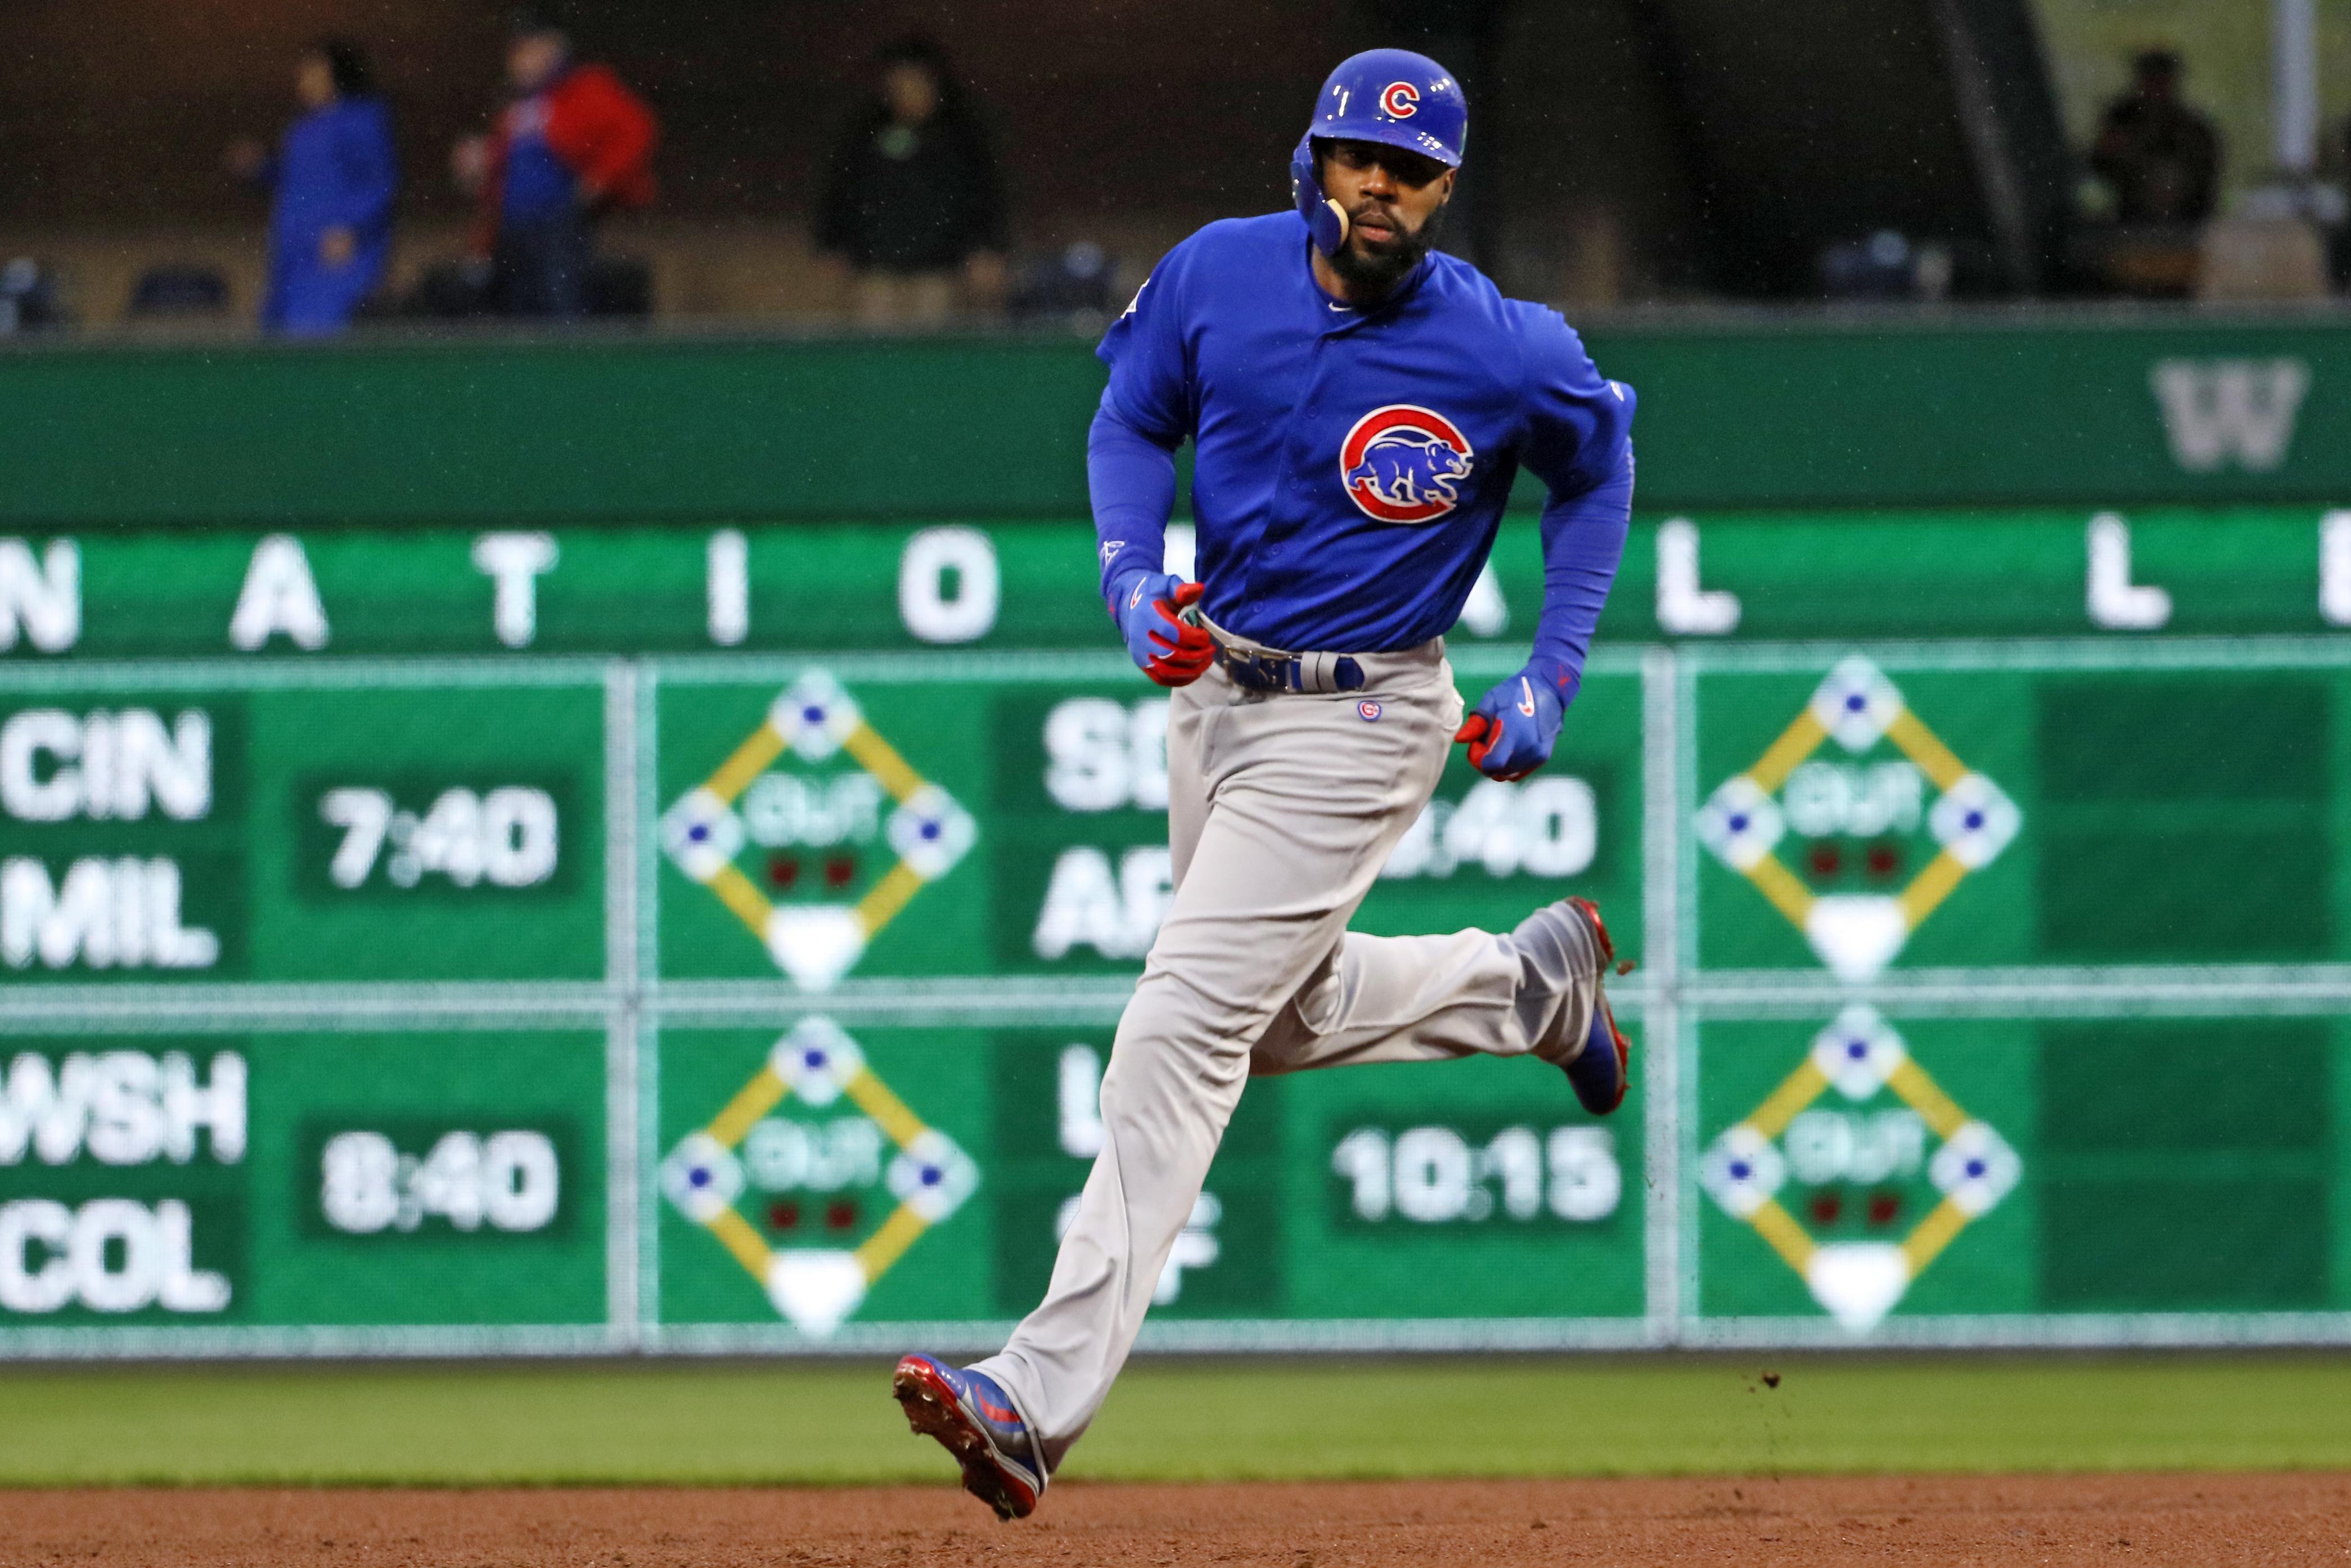 Cubs_pirates_baseball_37889